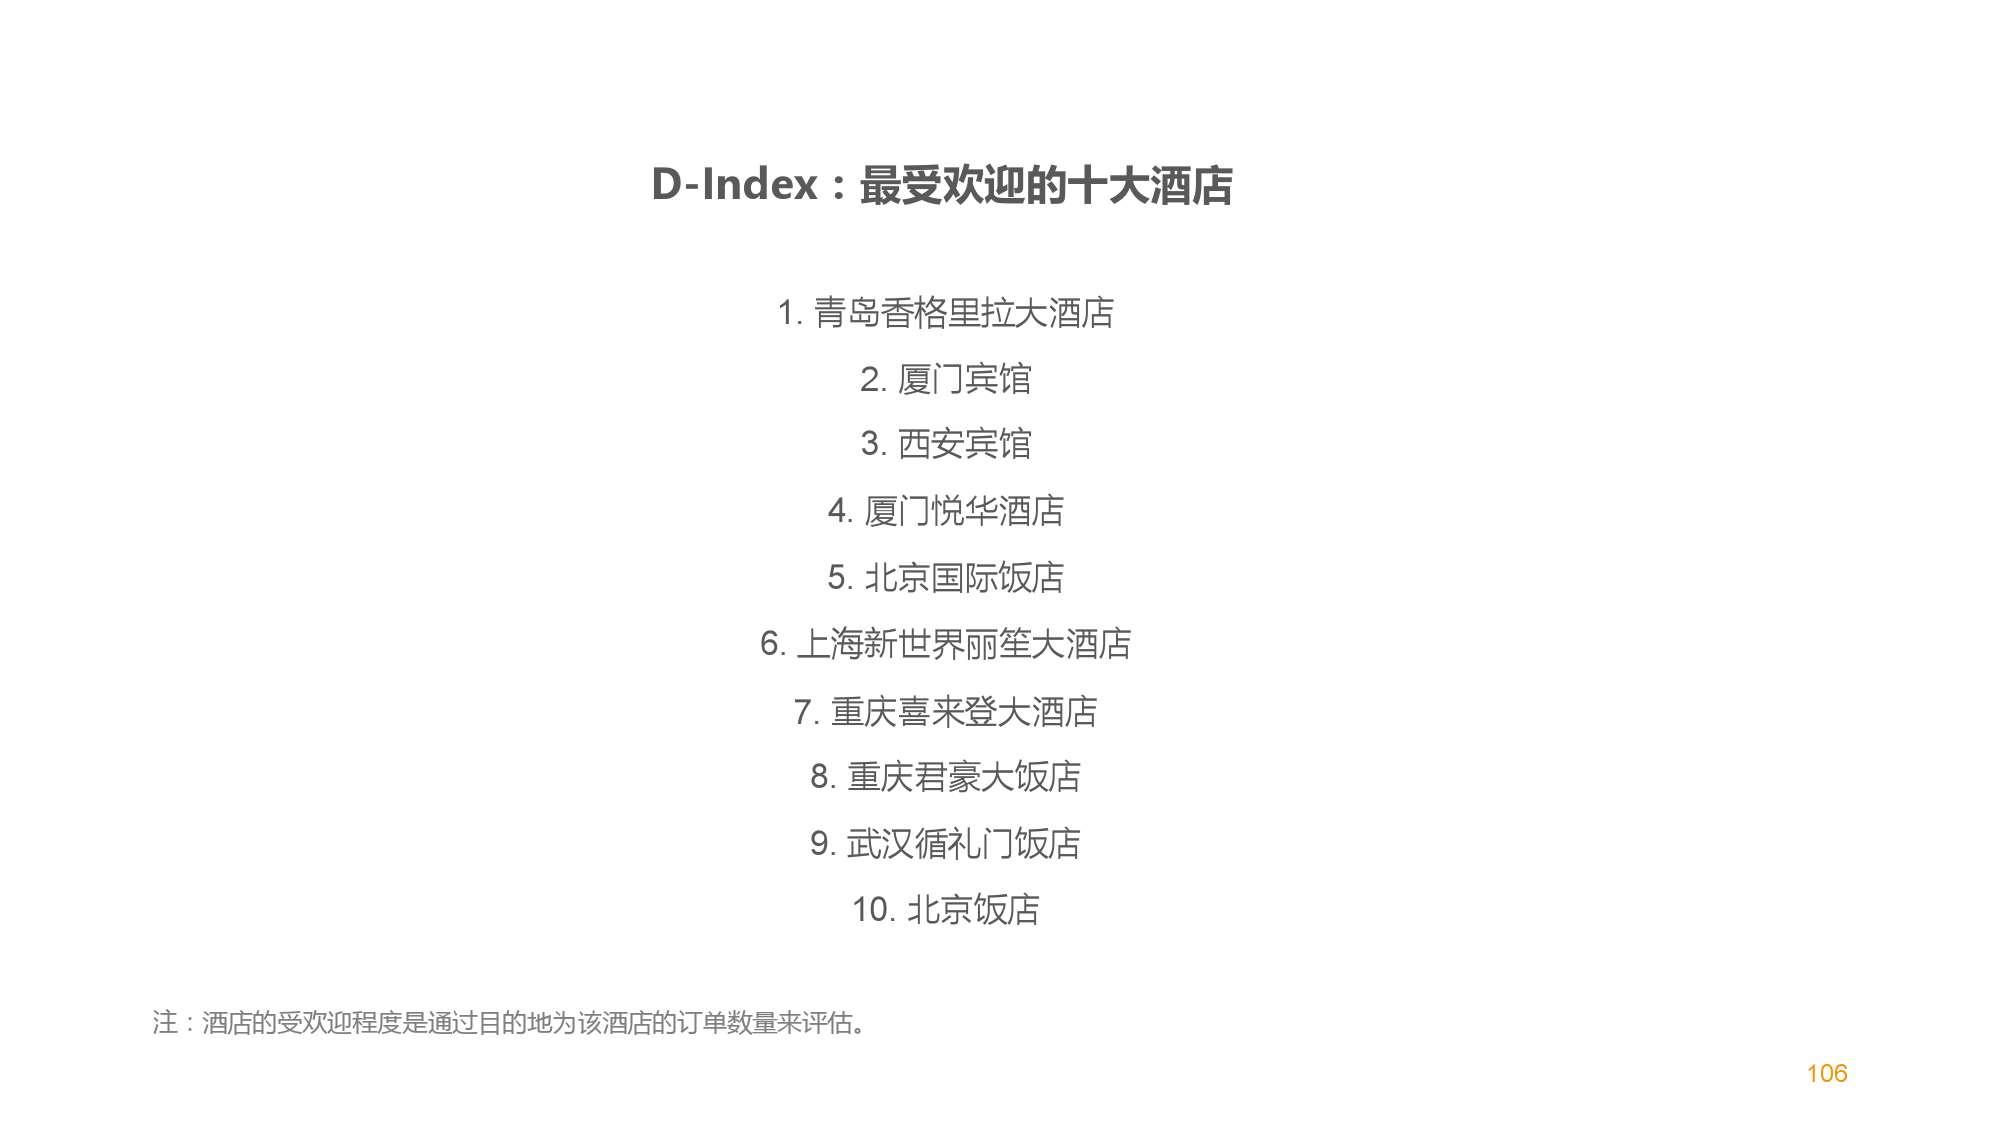 中国智能出行2015大数据报告_000106